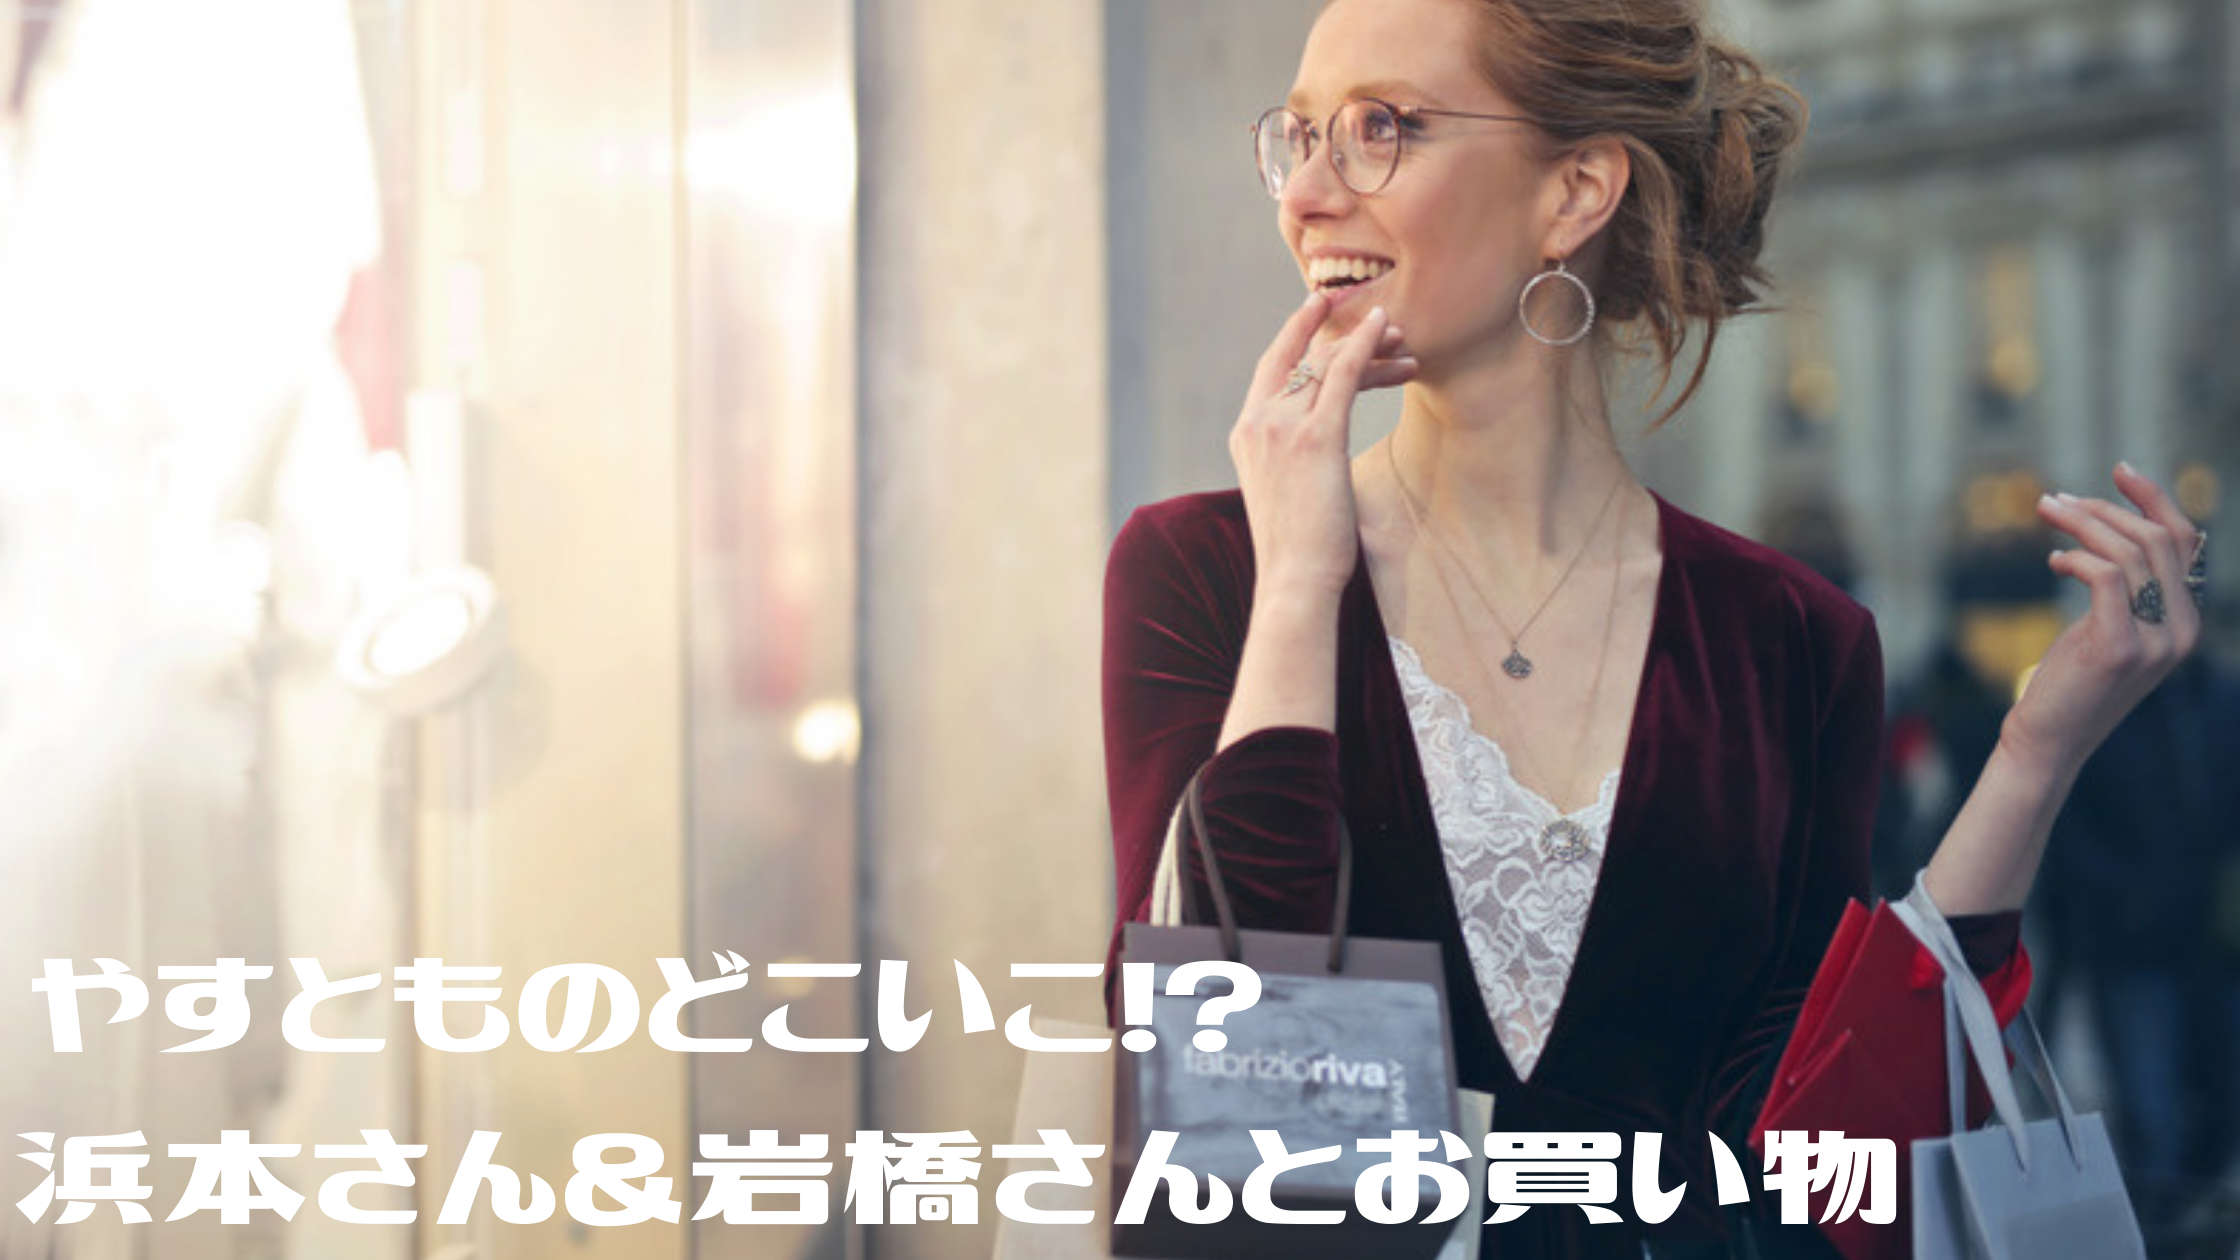 【やすとものどこいこ!?】『エディオン』浜本さん&岩橋さんとお買い物